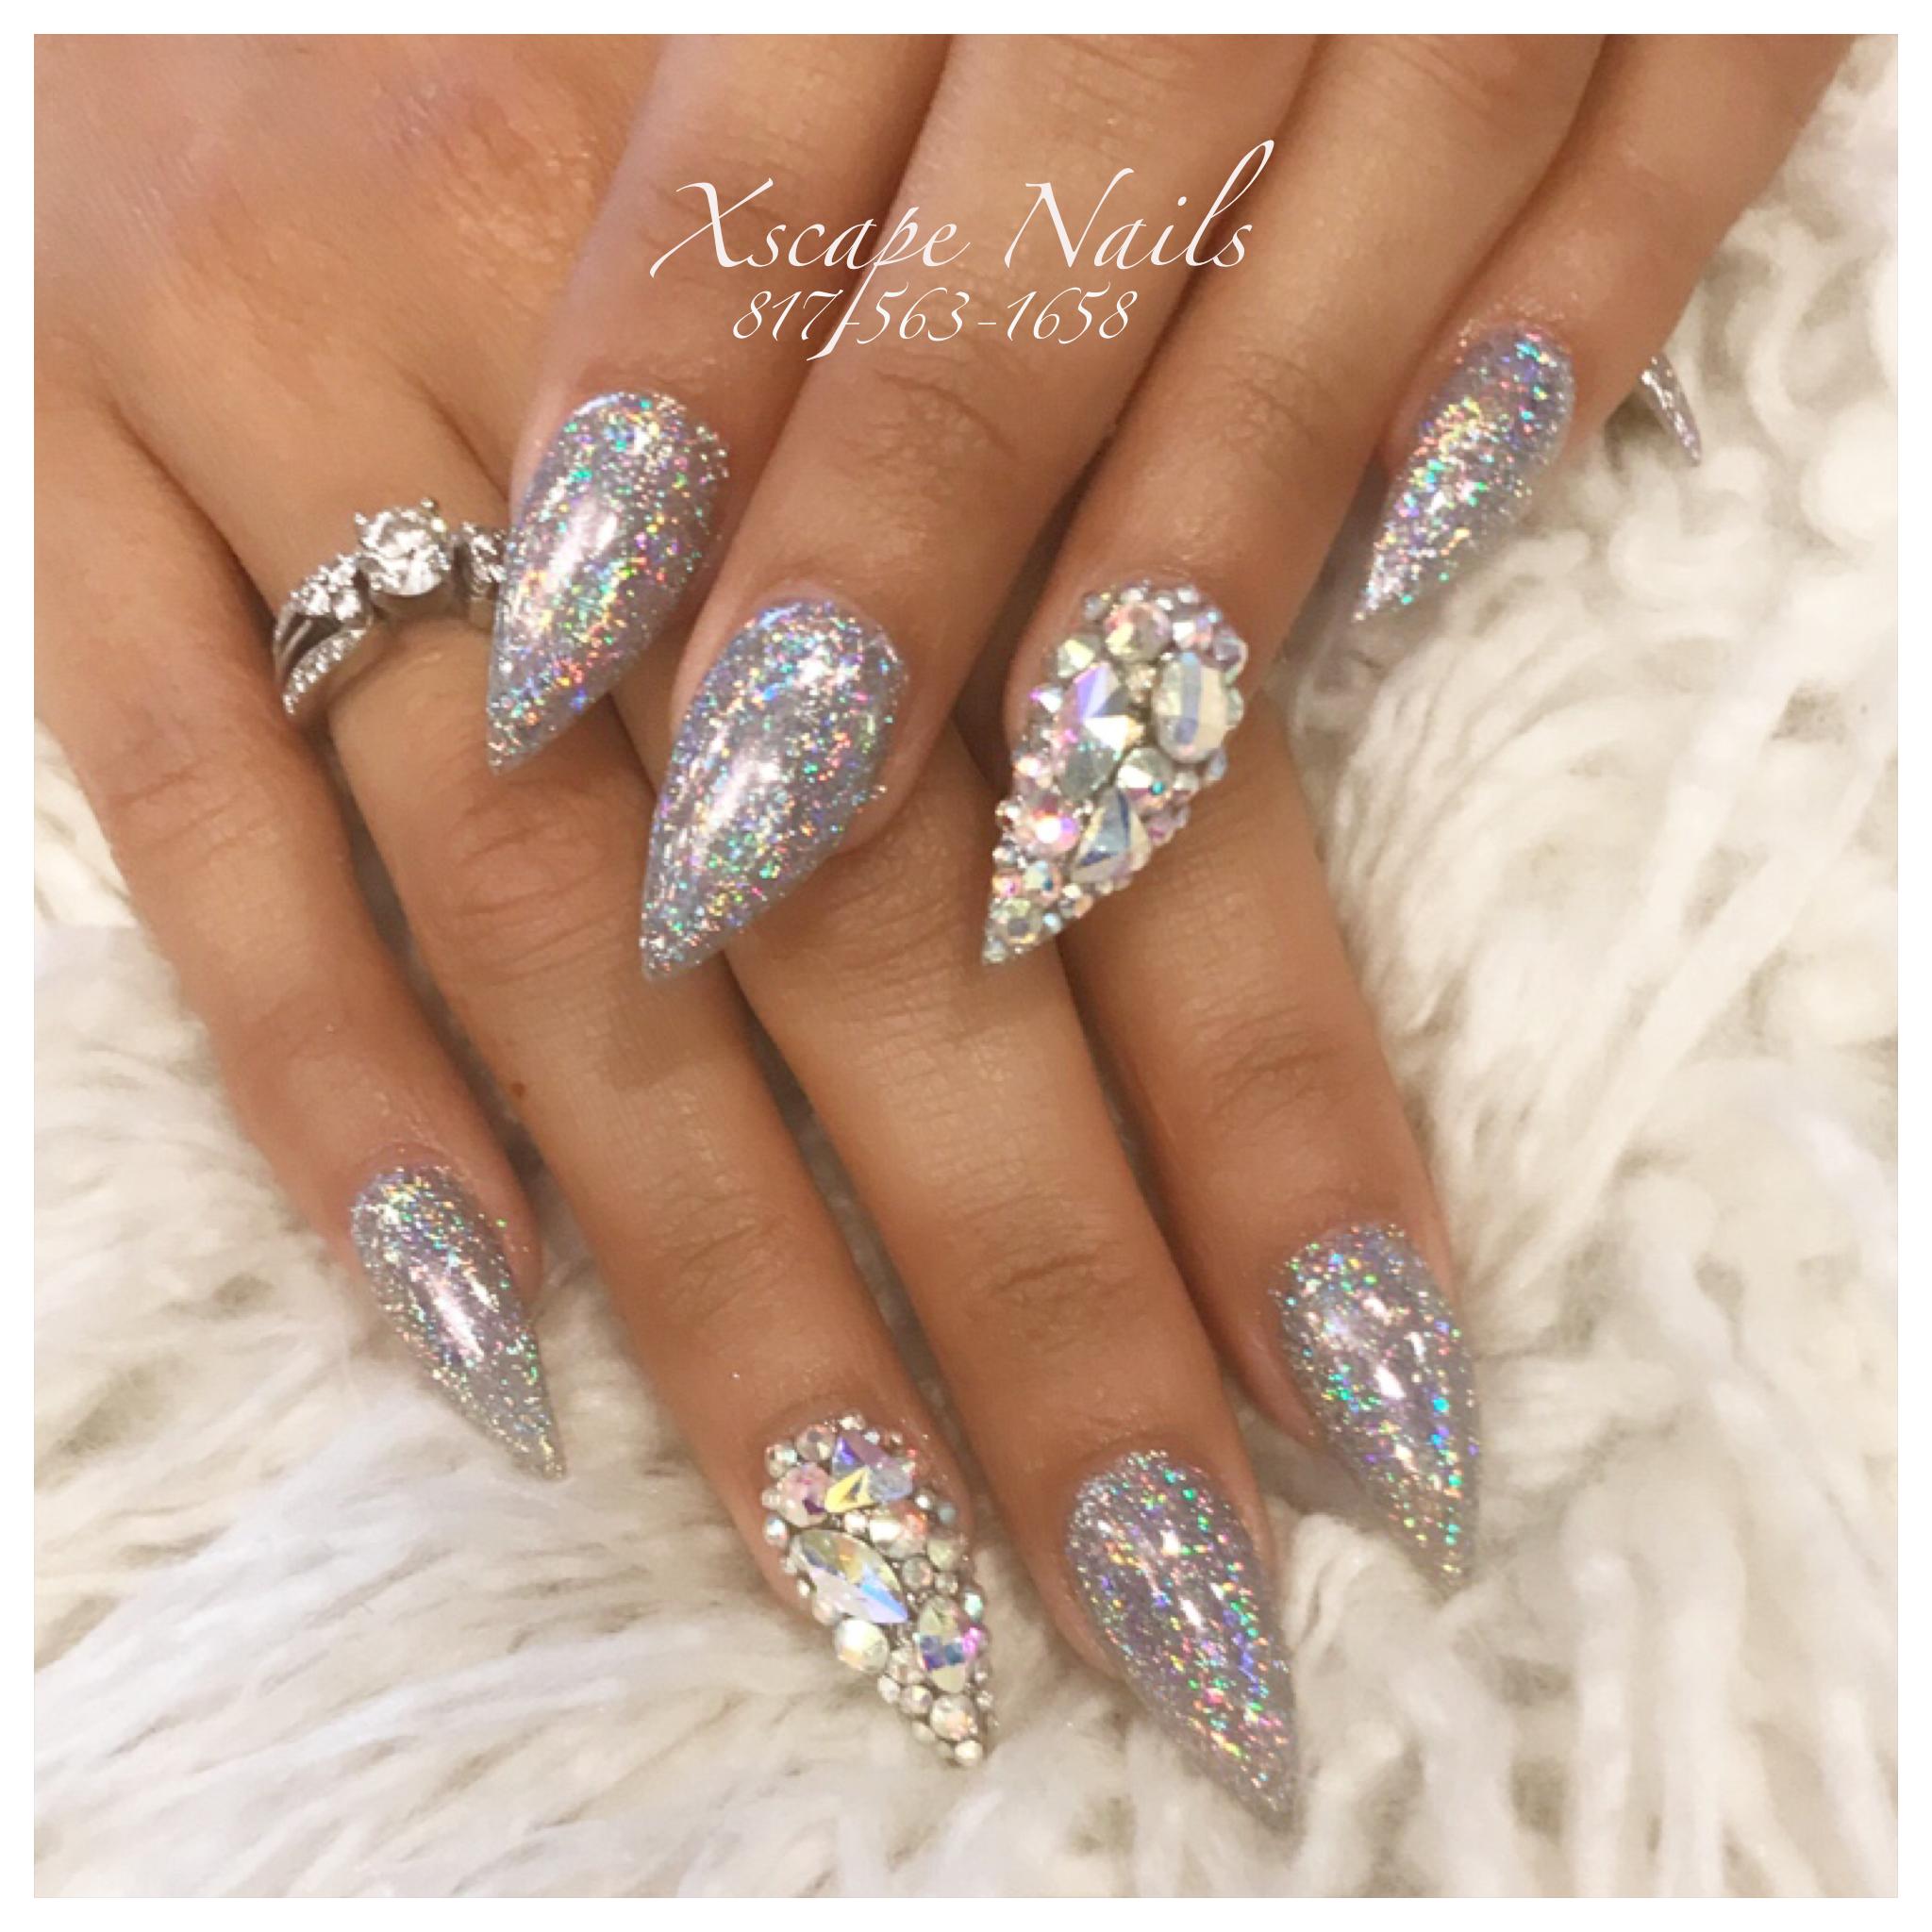 Galaxy chrome nails | Cute Nails Designs | Pinterest | Chrome nails ...